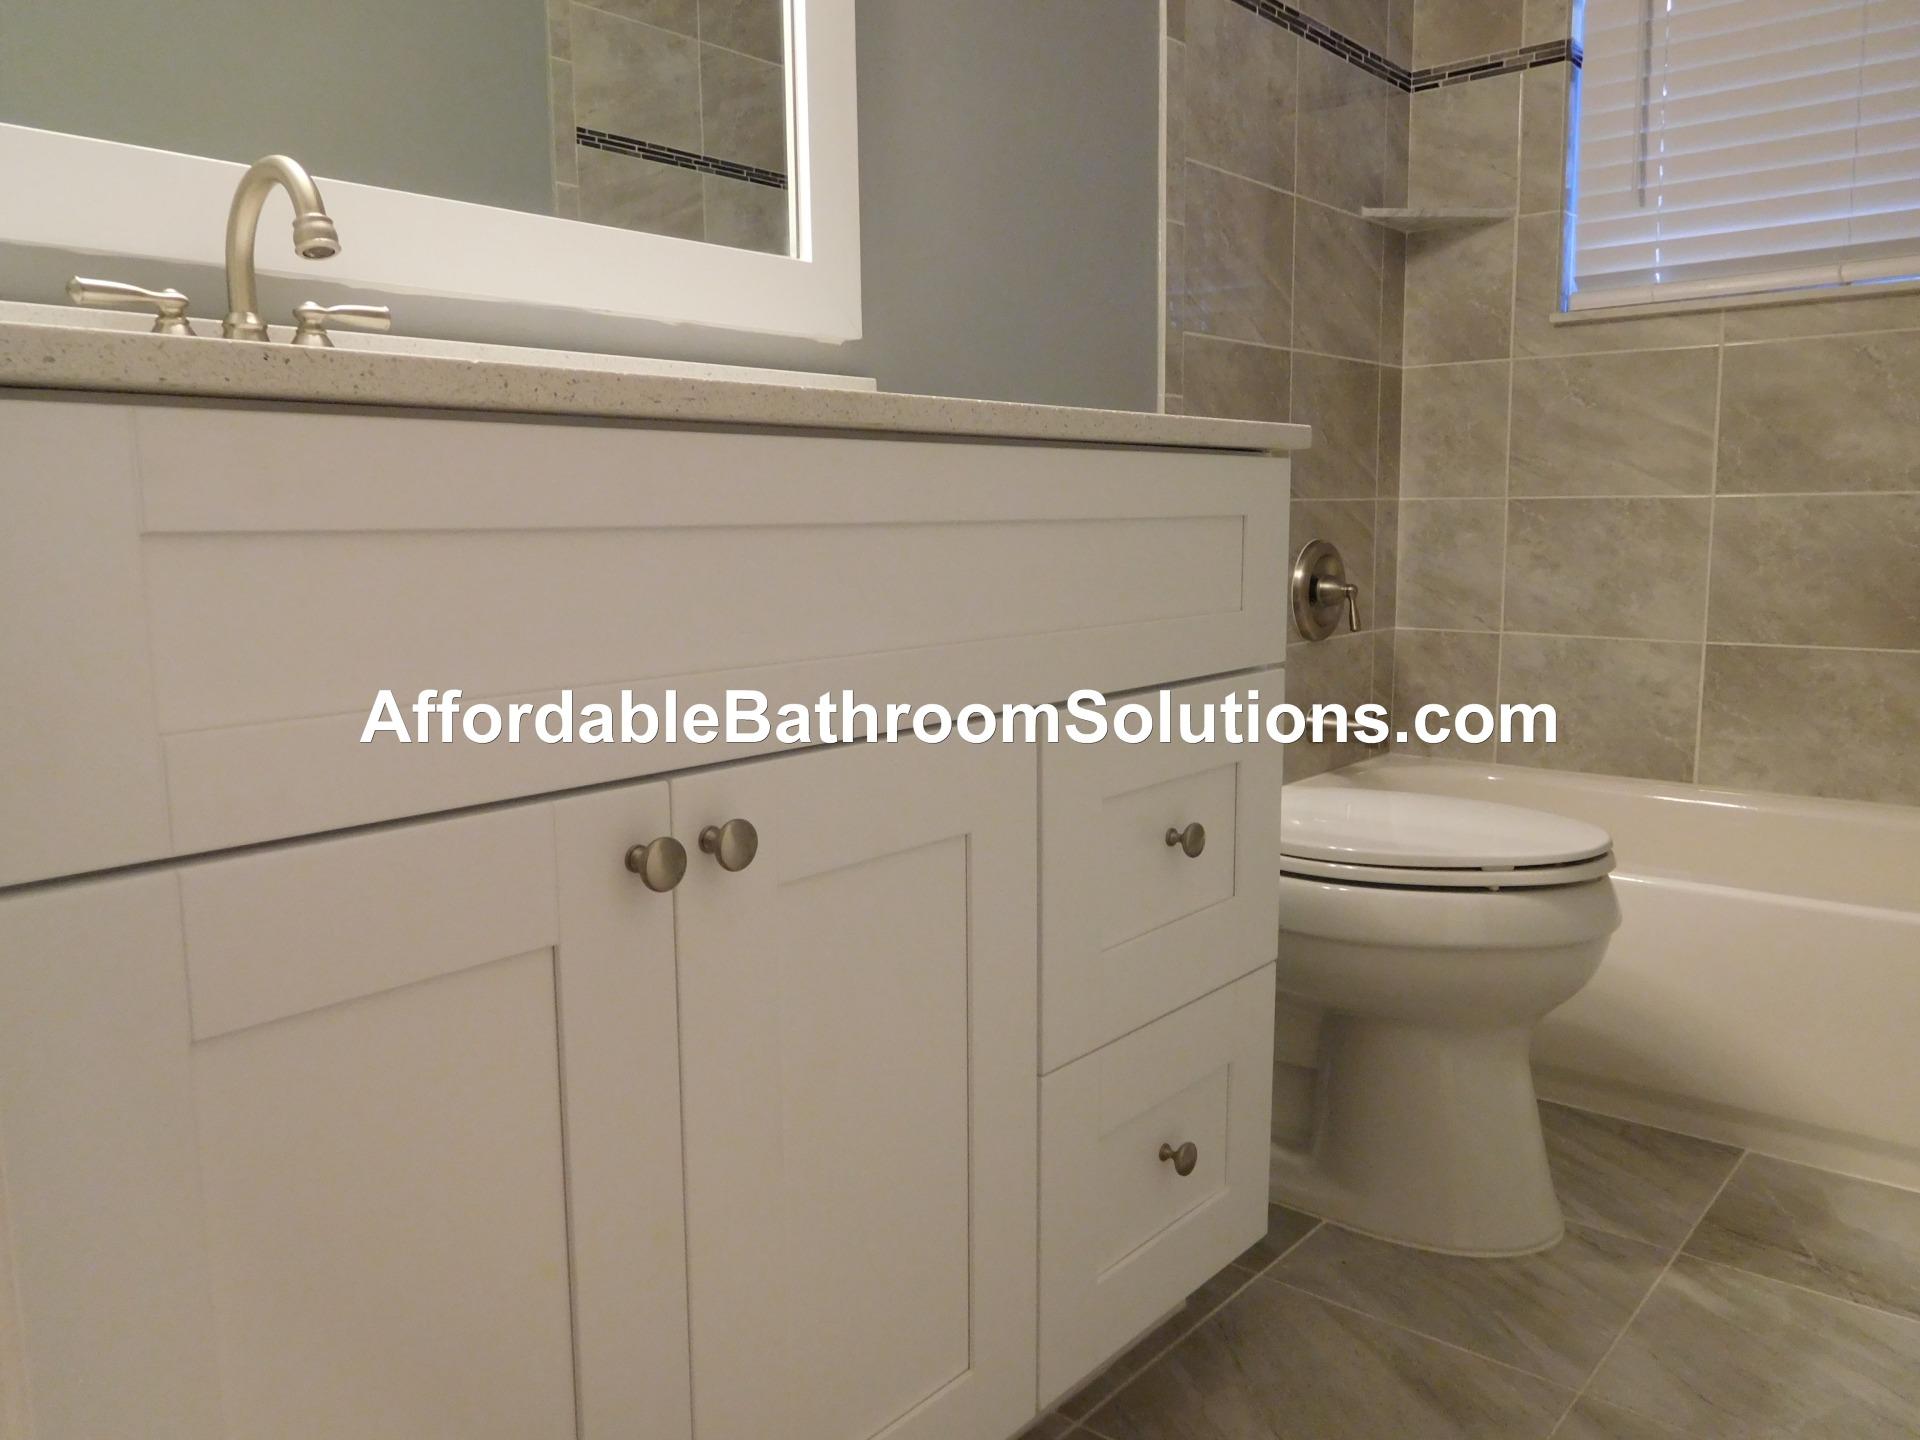 Discount Bathroom Vanities Fort Lauderdale Bathroom Vanities In Fort  Lauderdale Bathroom Vanities